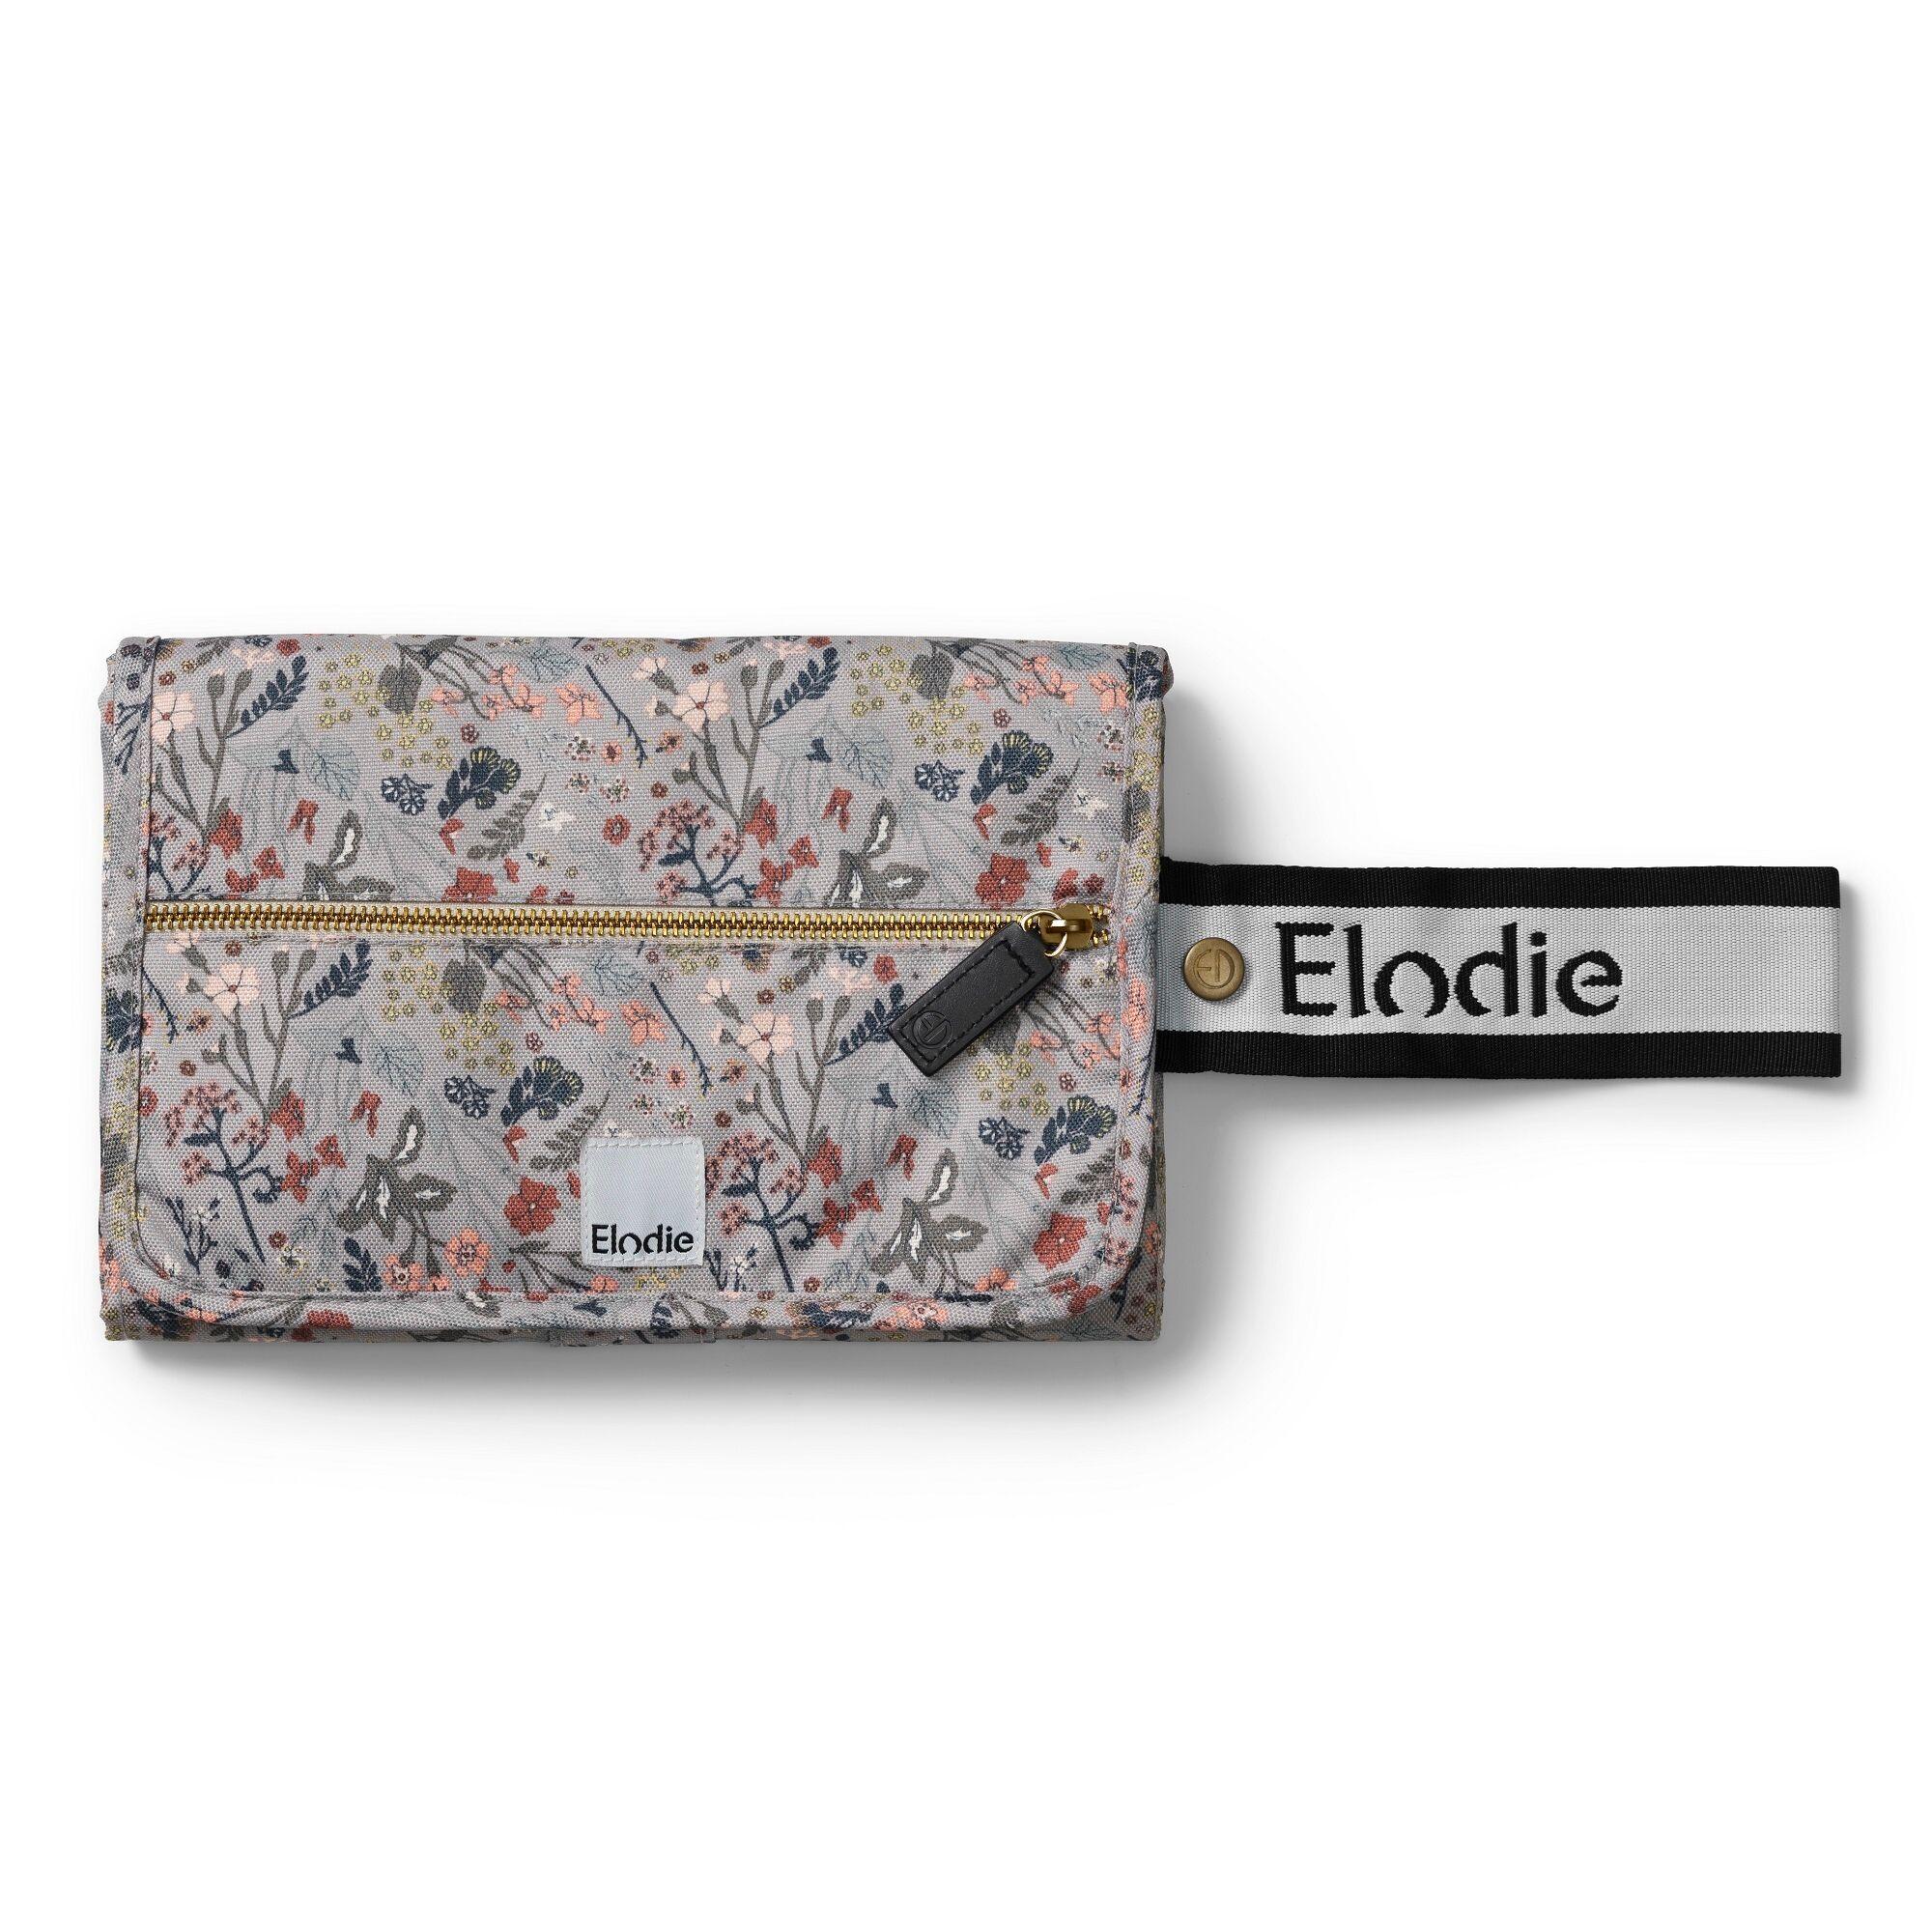 ELODIE DETAILS Αλλαξιέρα Ταξιδιού Elodie Details Vintage Flower